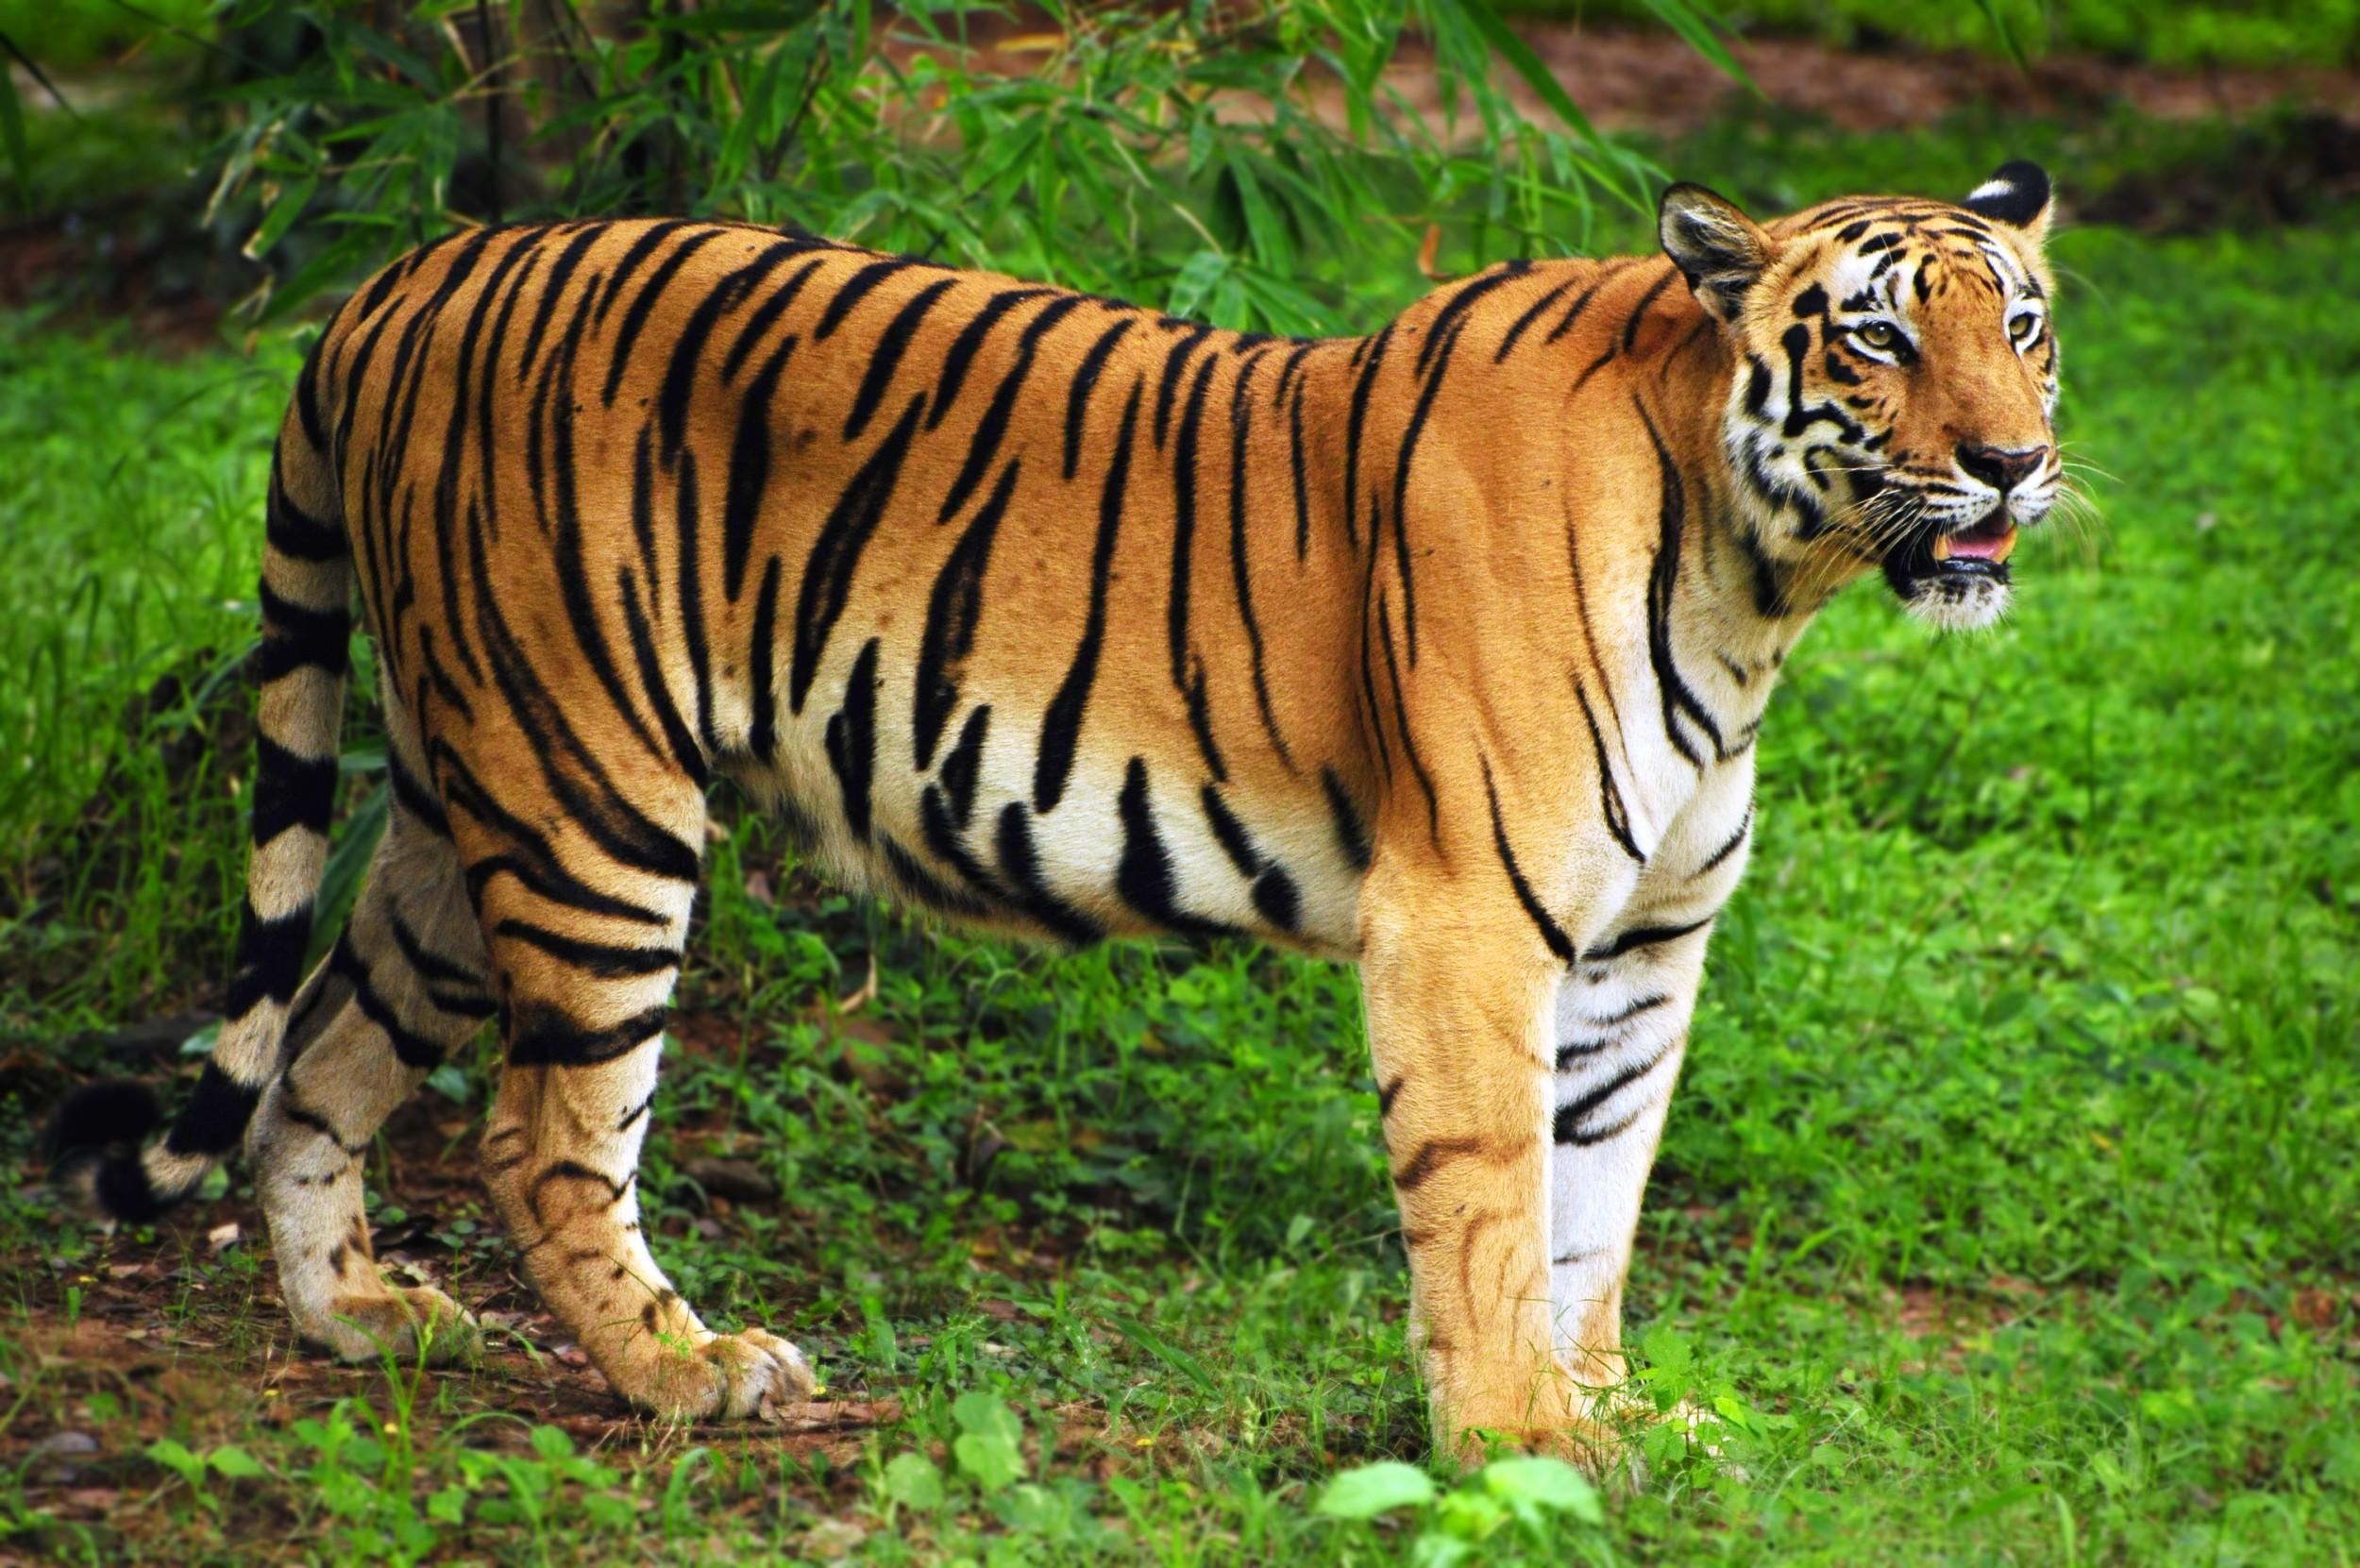 Wallpaper Bengal Tiger Hd Animals 10217: Ecologia, Características, Subespécies E Fotos De